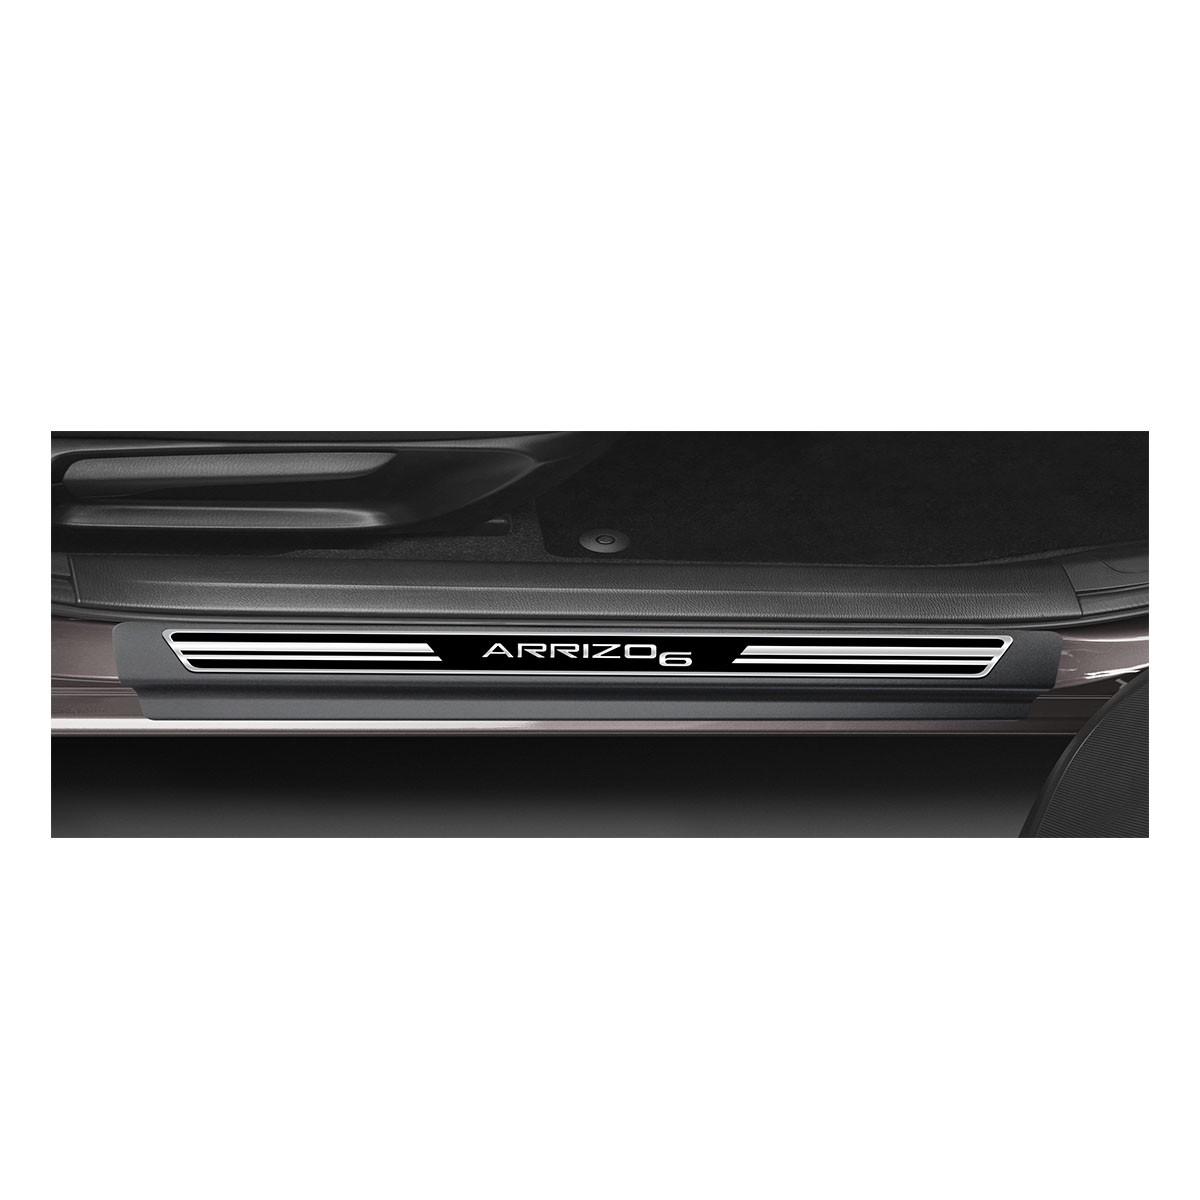 Soleira Resinada Premium Elegance + Descanso de Pé + Pedaleira em Aço Inox Arrizo 6